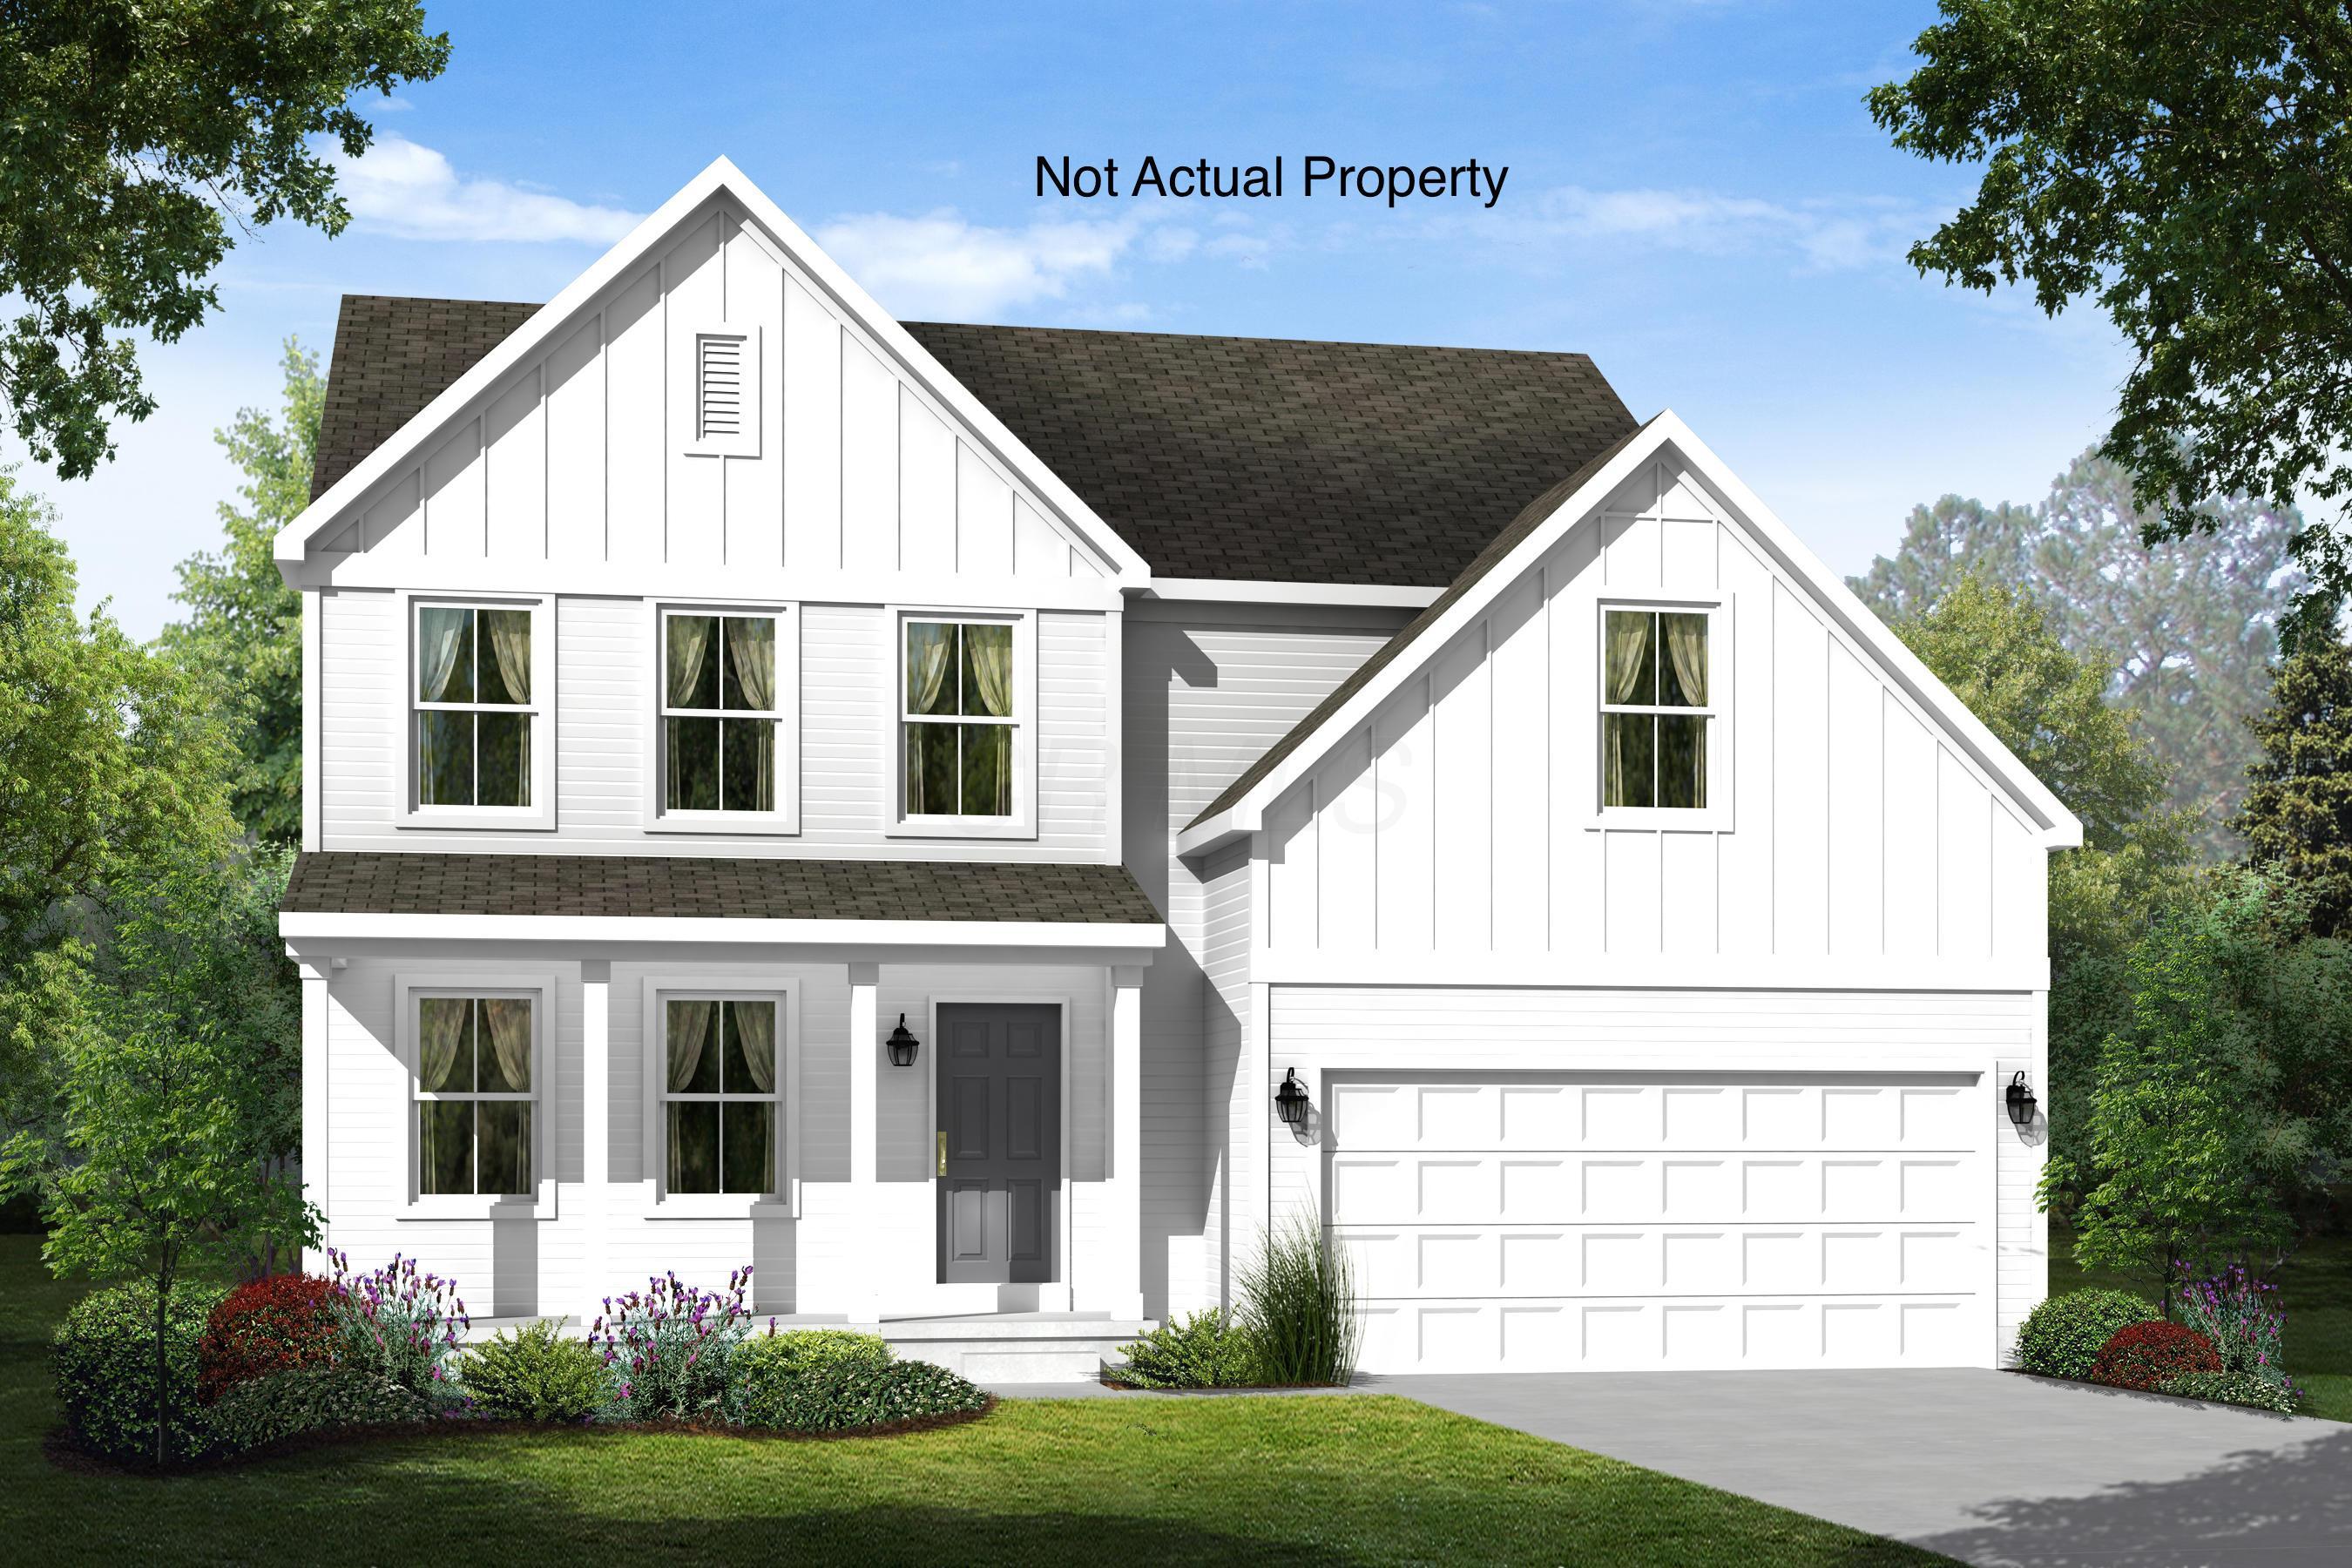 1098 Gelbray Drive, Obetz, Ohio 43207, 4 Bedrooms Bedrooms, ,3 BathroomsBathrooms,Residential,For Sale,Gelbray,220016482